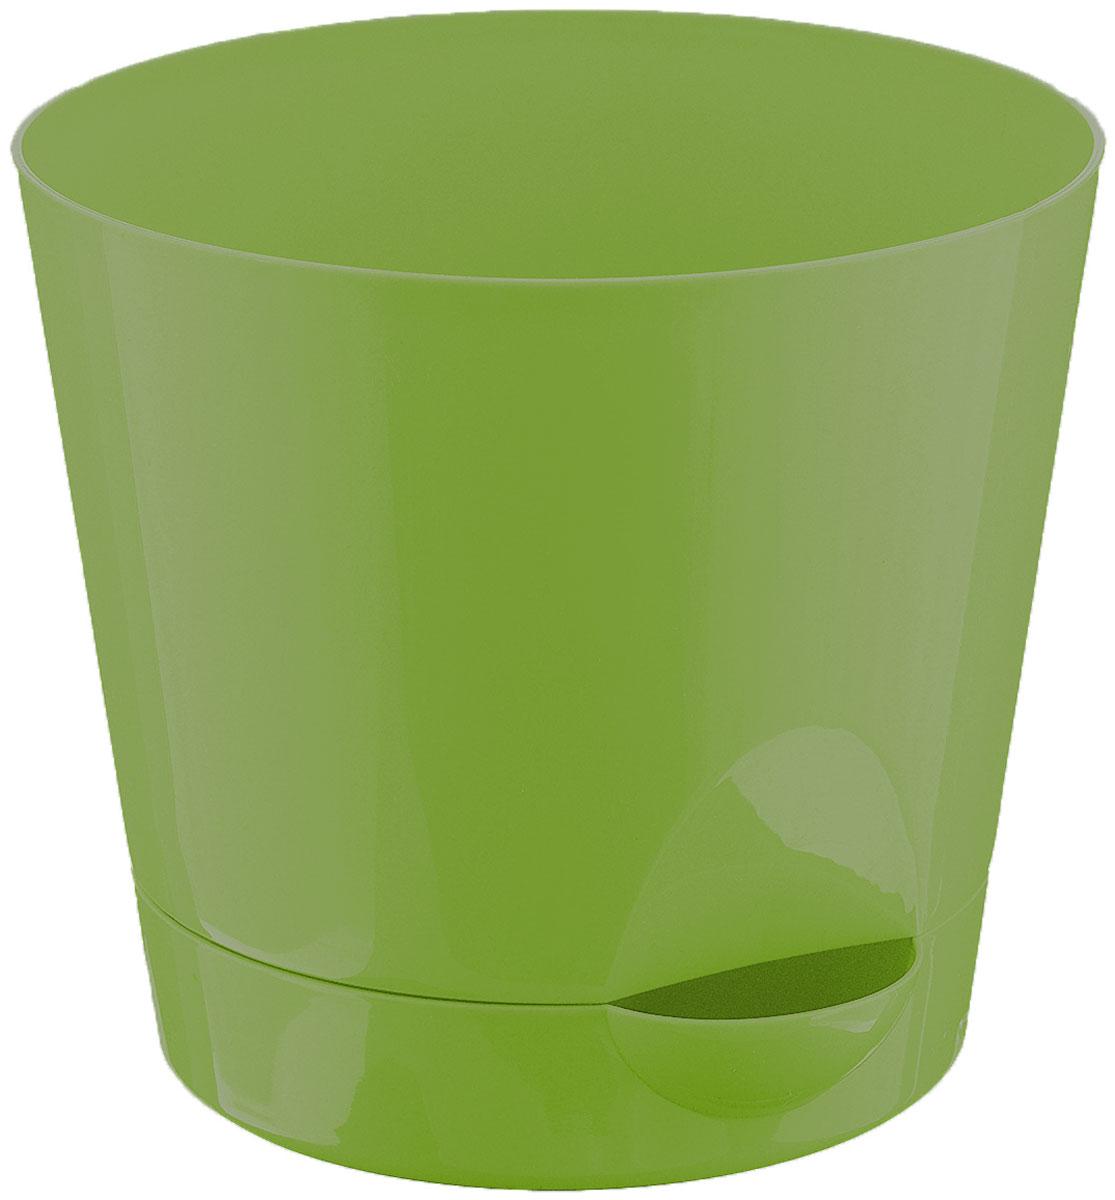 Кашпо Idea Ника, с прикорневым поливом, с поддоном, цвет: ярко-зеленый, 2,7 лМ 3073Кашпо Idea Ника изготовлено из высококачественного полипропилена (пластика). В комплект входит поддон со специальной выемкой, благодаря которому имеется возможность прикорневого полива. Изделие подходит для выращивания растений и цветов в домашних условиях. Стильная яркая картинка сделает такое кашпо прекрасным дополнением интерьера. Объем горшка: 2,7 л. Диаметр горшка (по верхнему краю): 18 см. Высота горшка: 16,5 см. Диаметр подставки: 15 см.